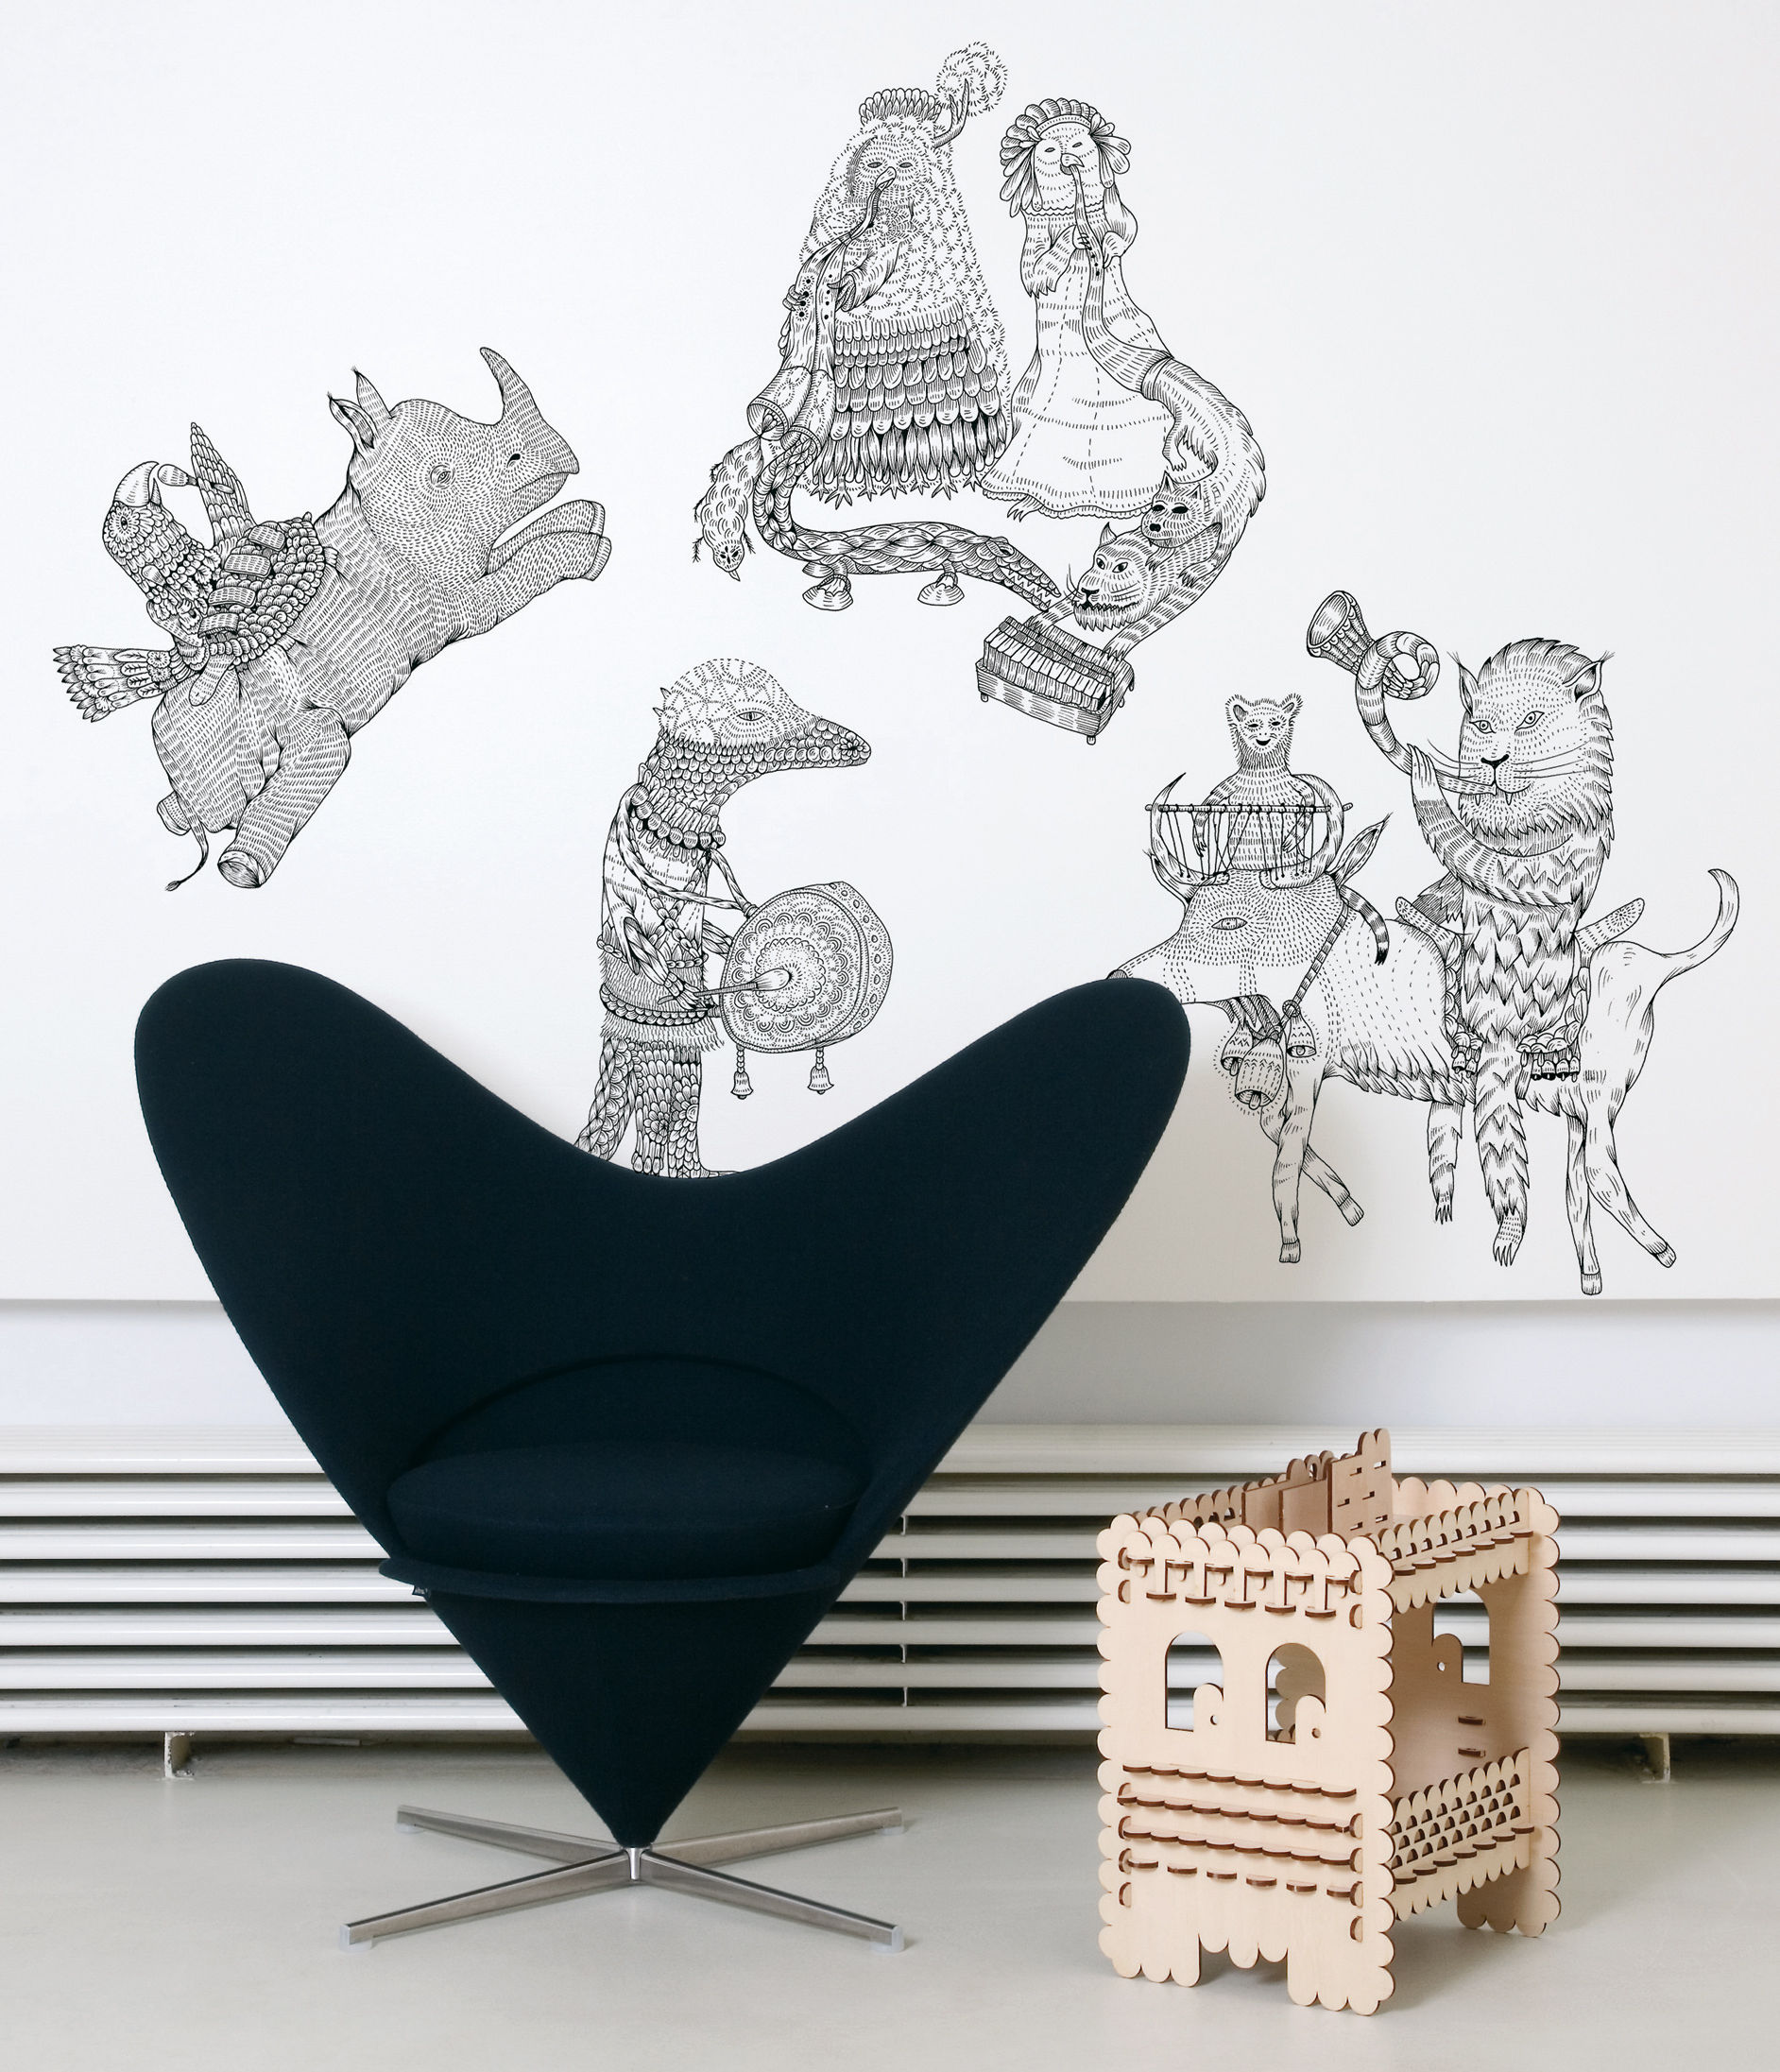 Interni - Sticker - Sticker Hivibes di Domestic - Nero - Vinile